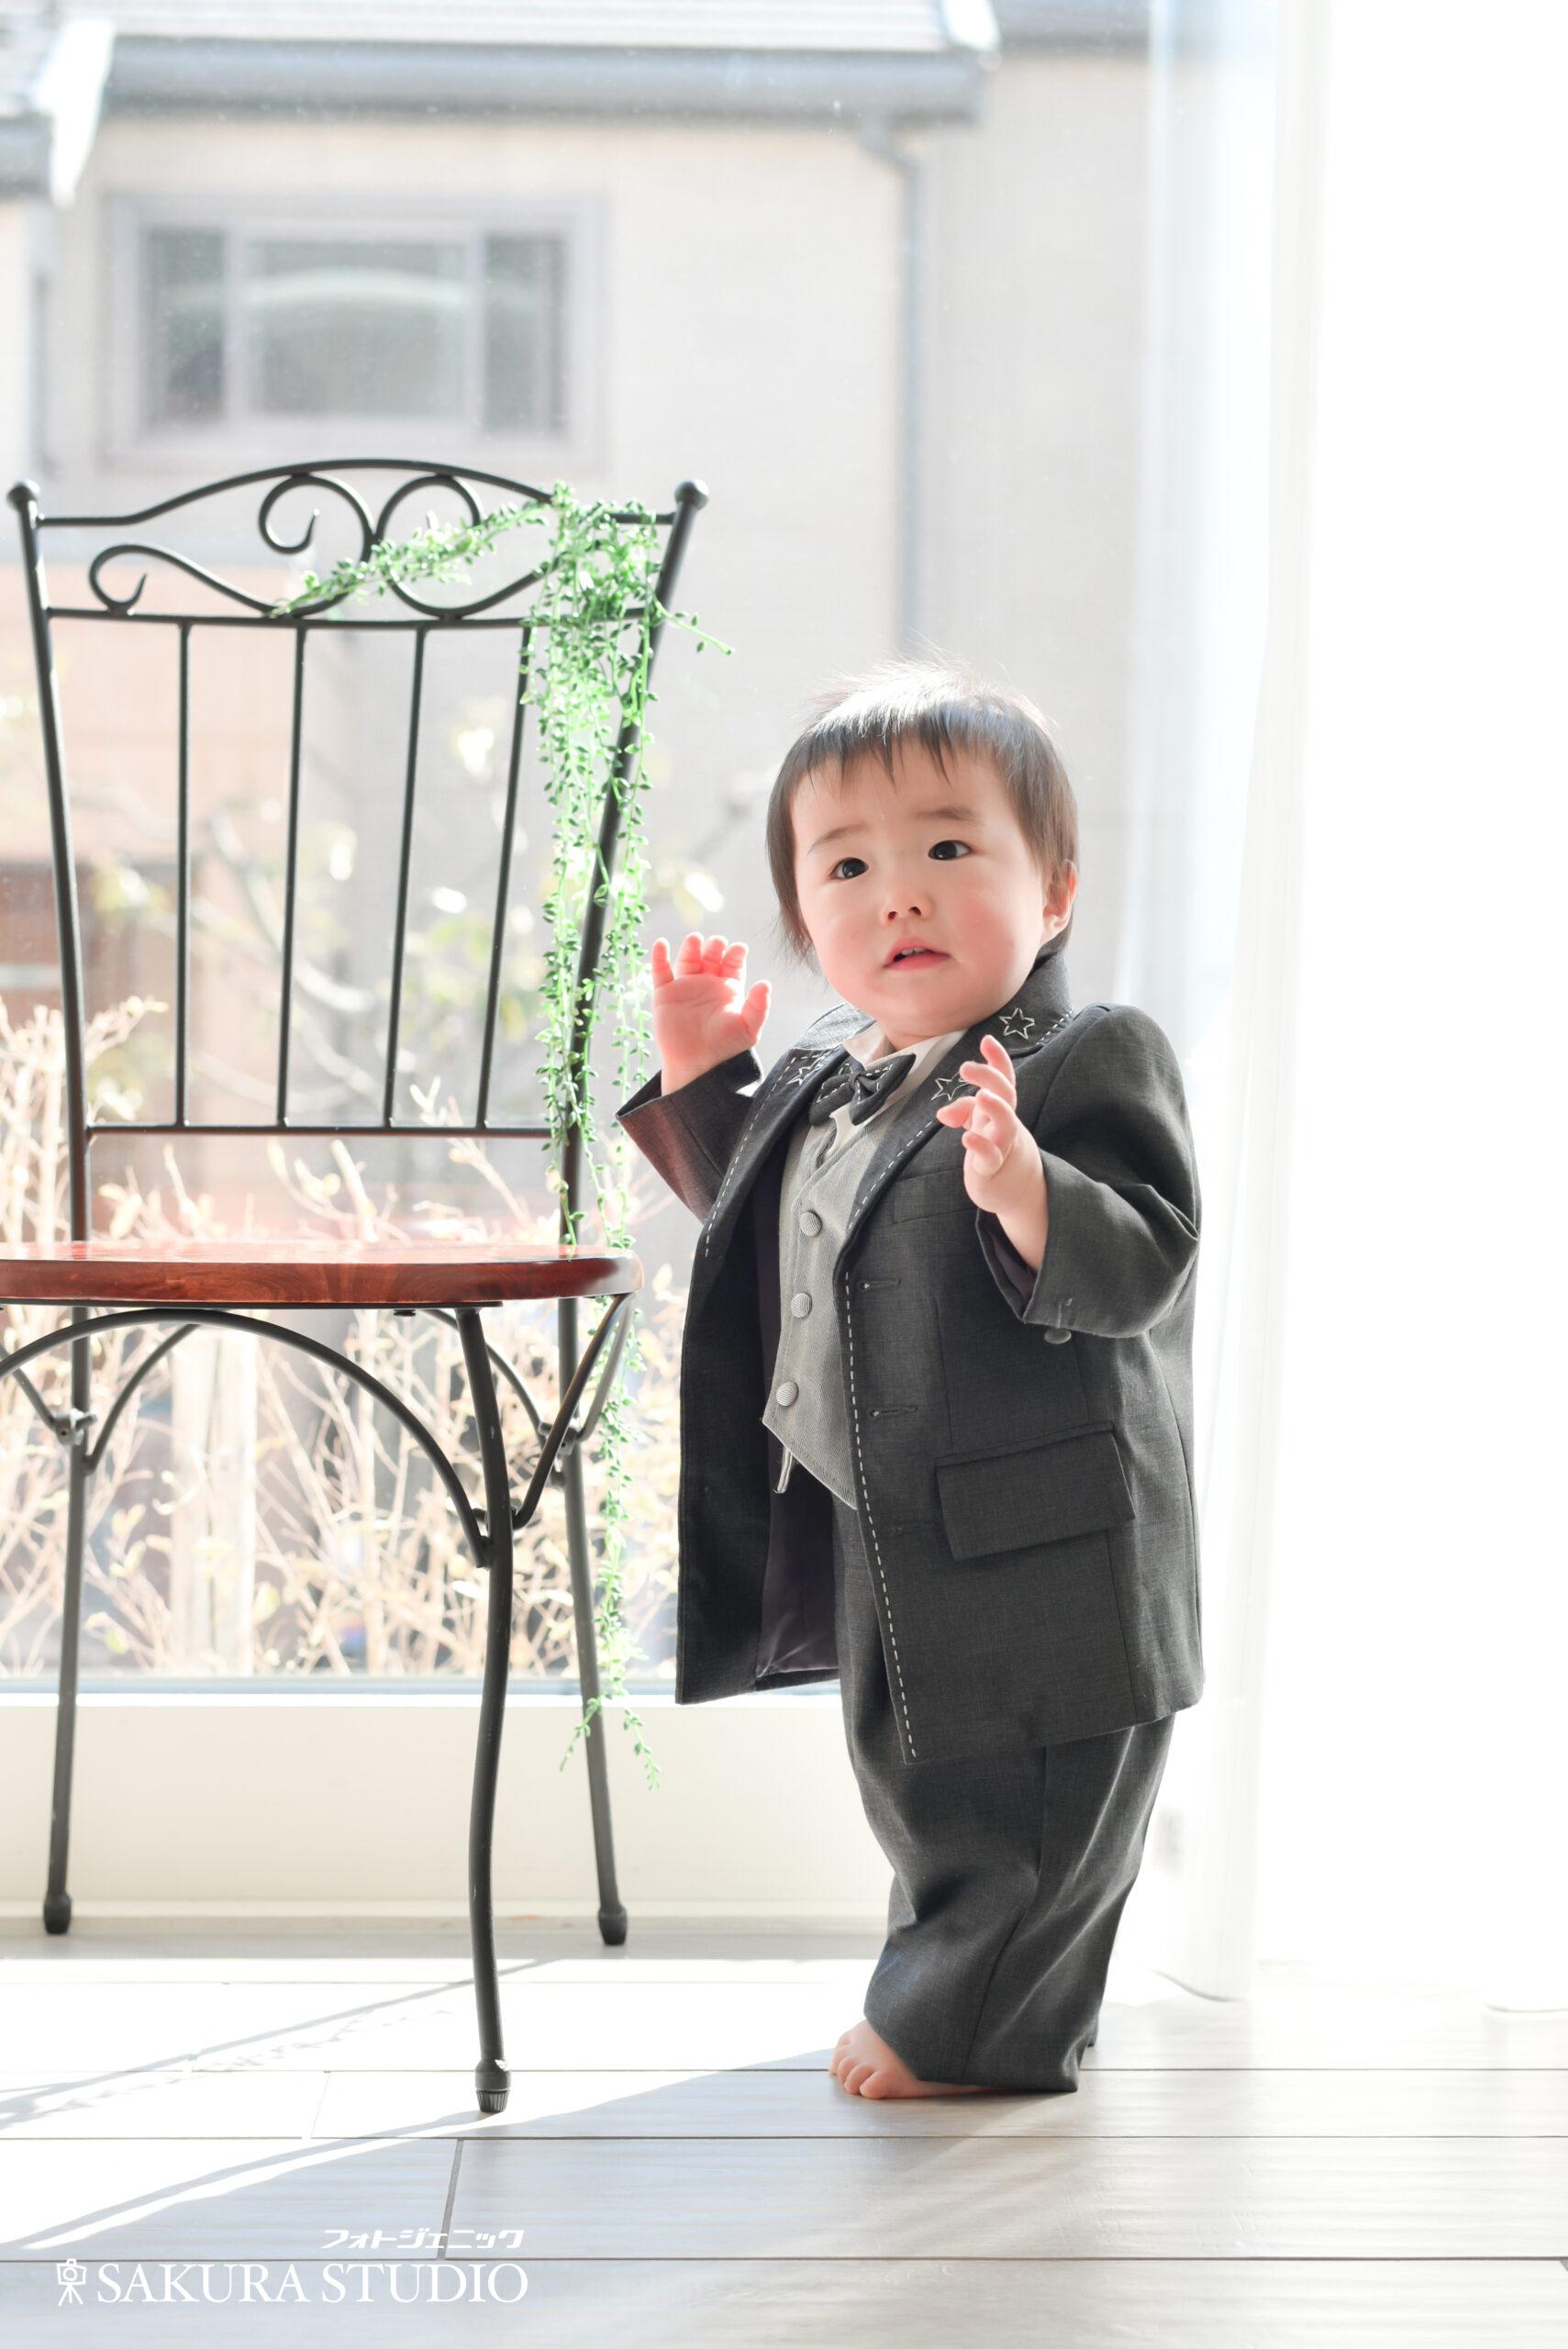 1歳 男の子 お誕生日 バースデー 兄弟 フォトスタジオ フォトジェニックサクラスタジオ